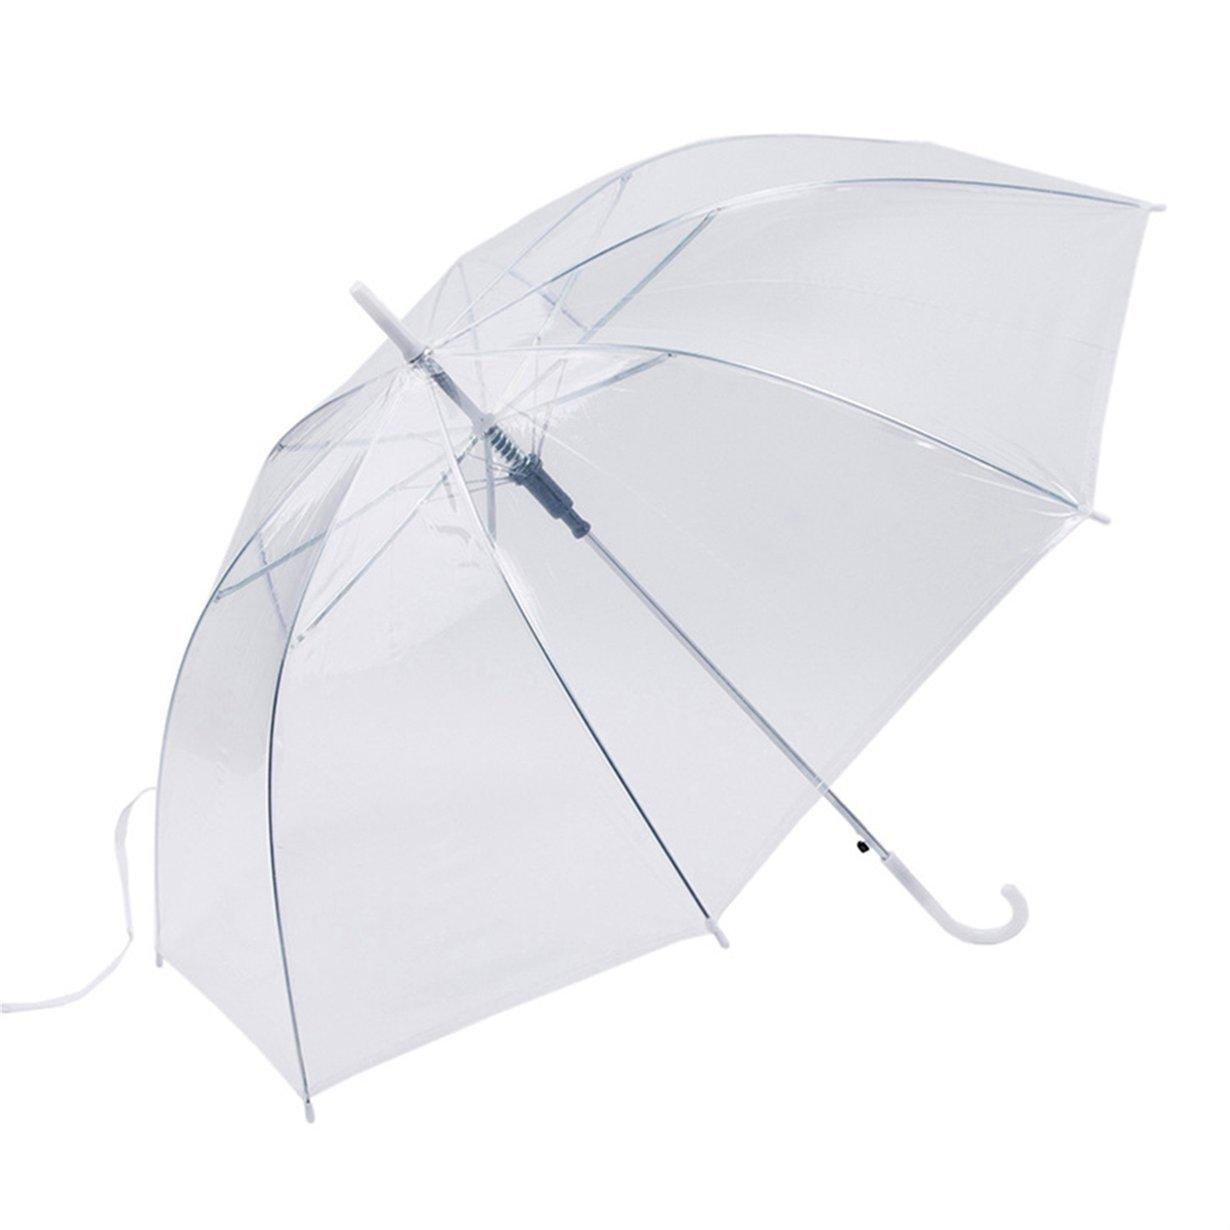 UniqueHeart Paraguas a Prueba de Viento Transparente Transparente Paraguas Paraguas automático para el Banquete de Boda Favor Stand Inside out Rain Protección